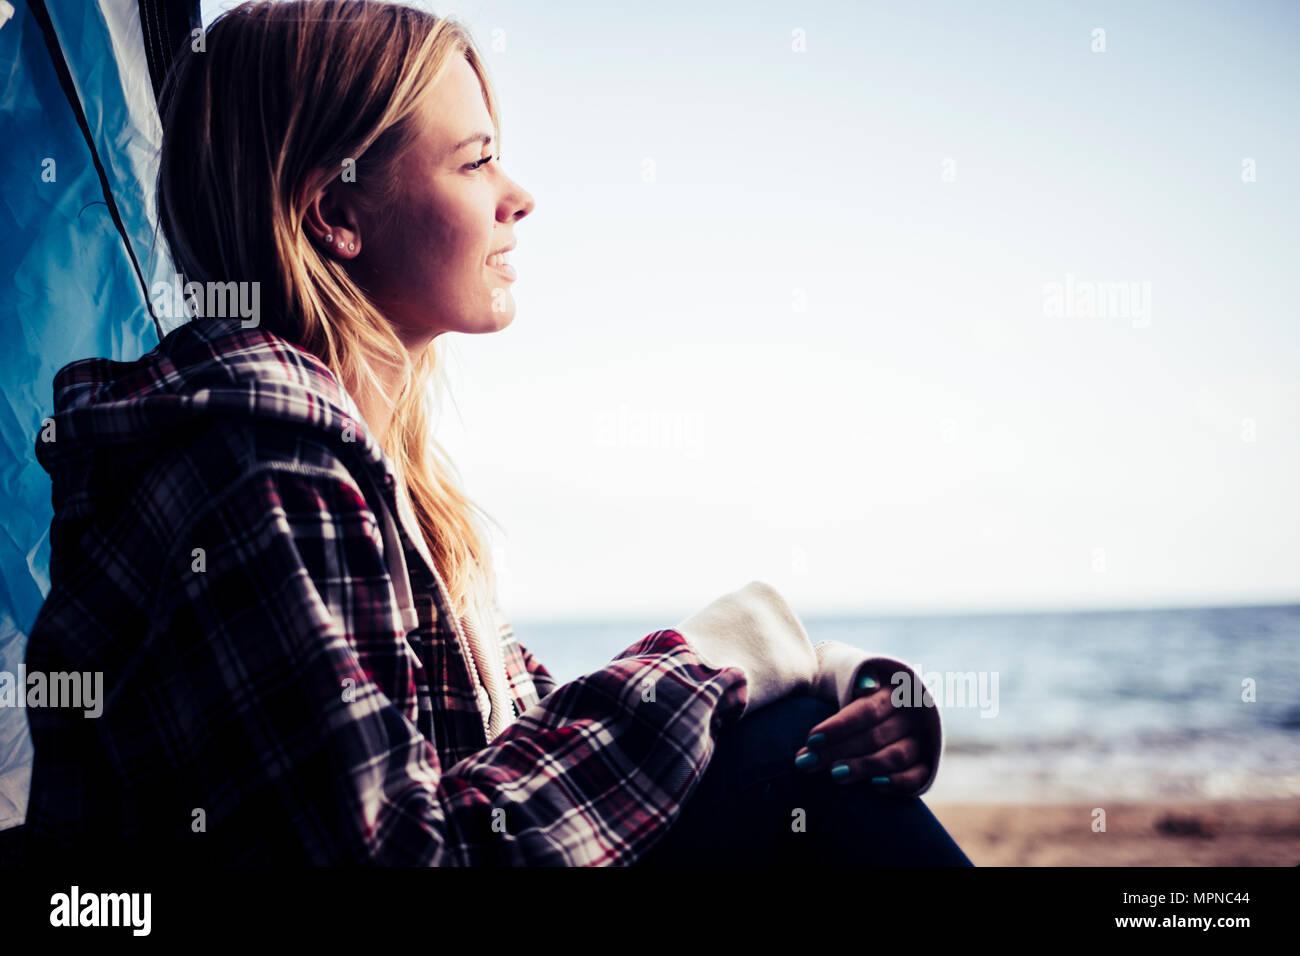 Wanderlust per giovane bella donna bionda sorridente caucasica all'oceano sedersi della sua tenda collocata sulla spiaggia. oceano e mare in background Immagini Stock